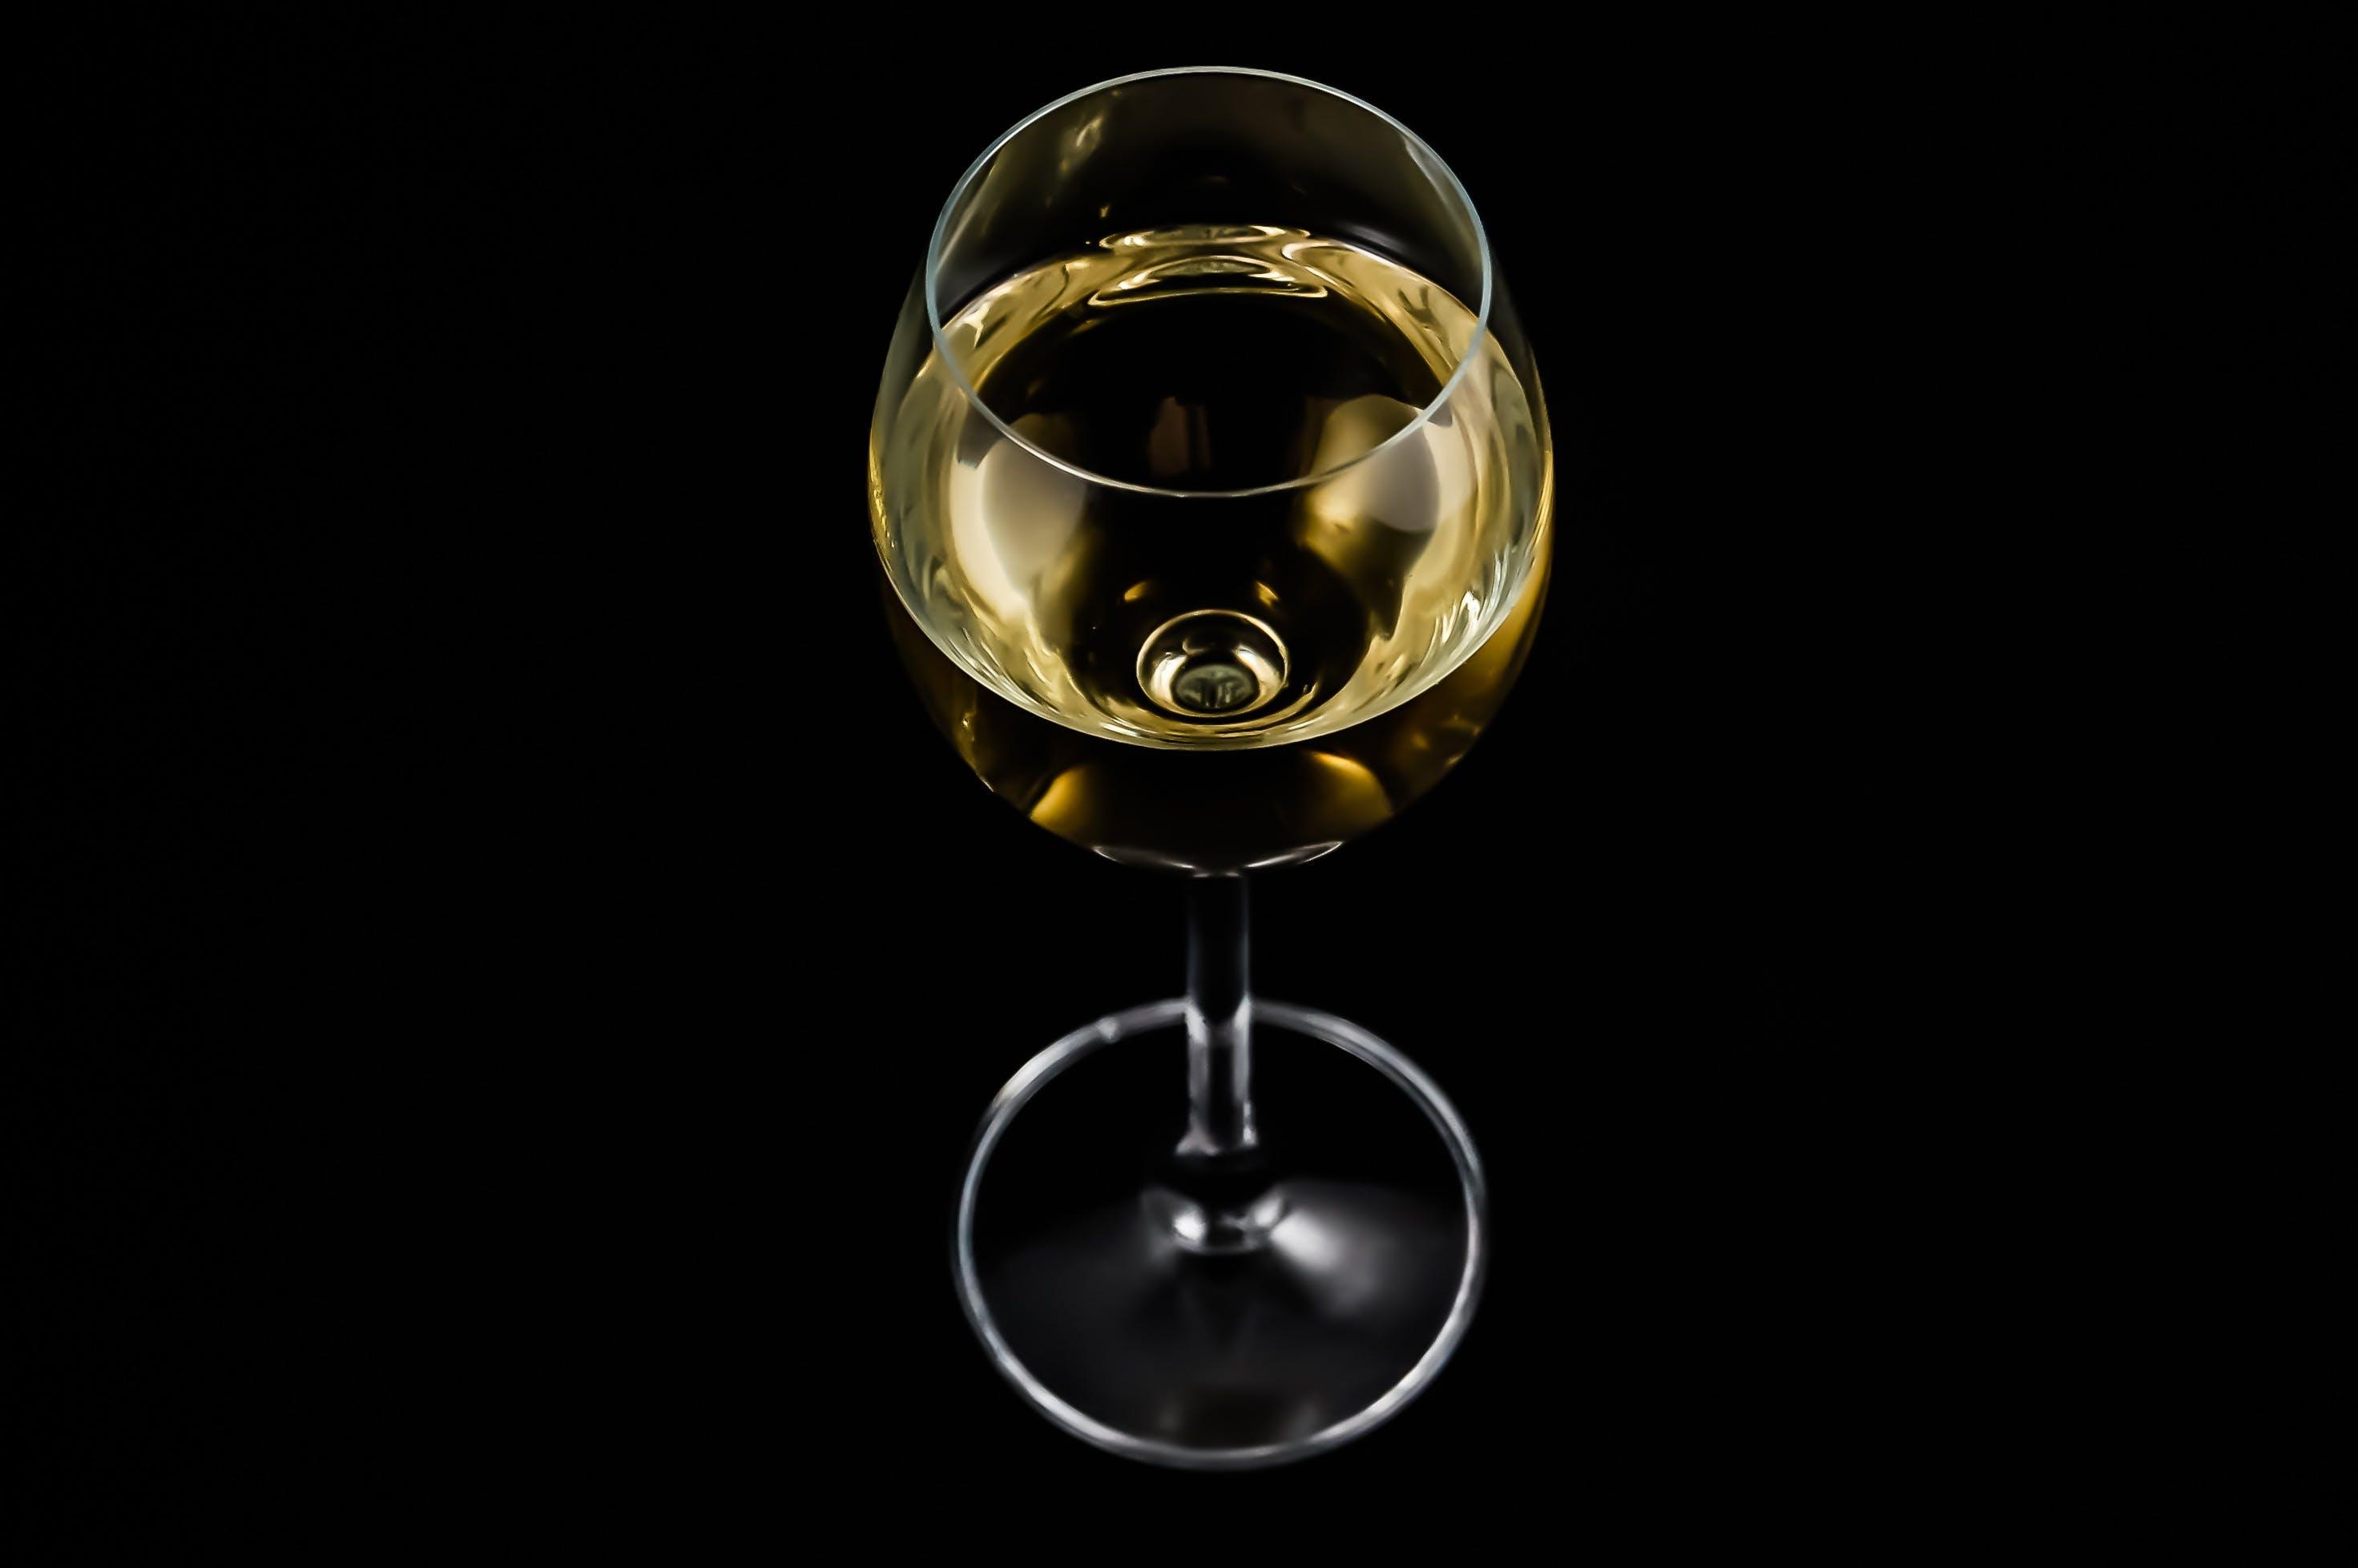 Kostenloses Stock Foto zu alkohol, getränk, glas, durchsichtig